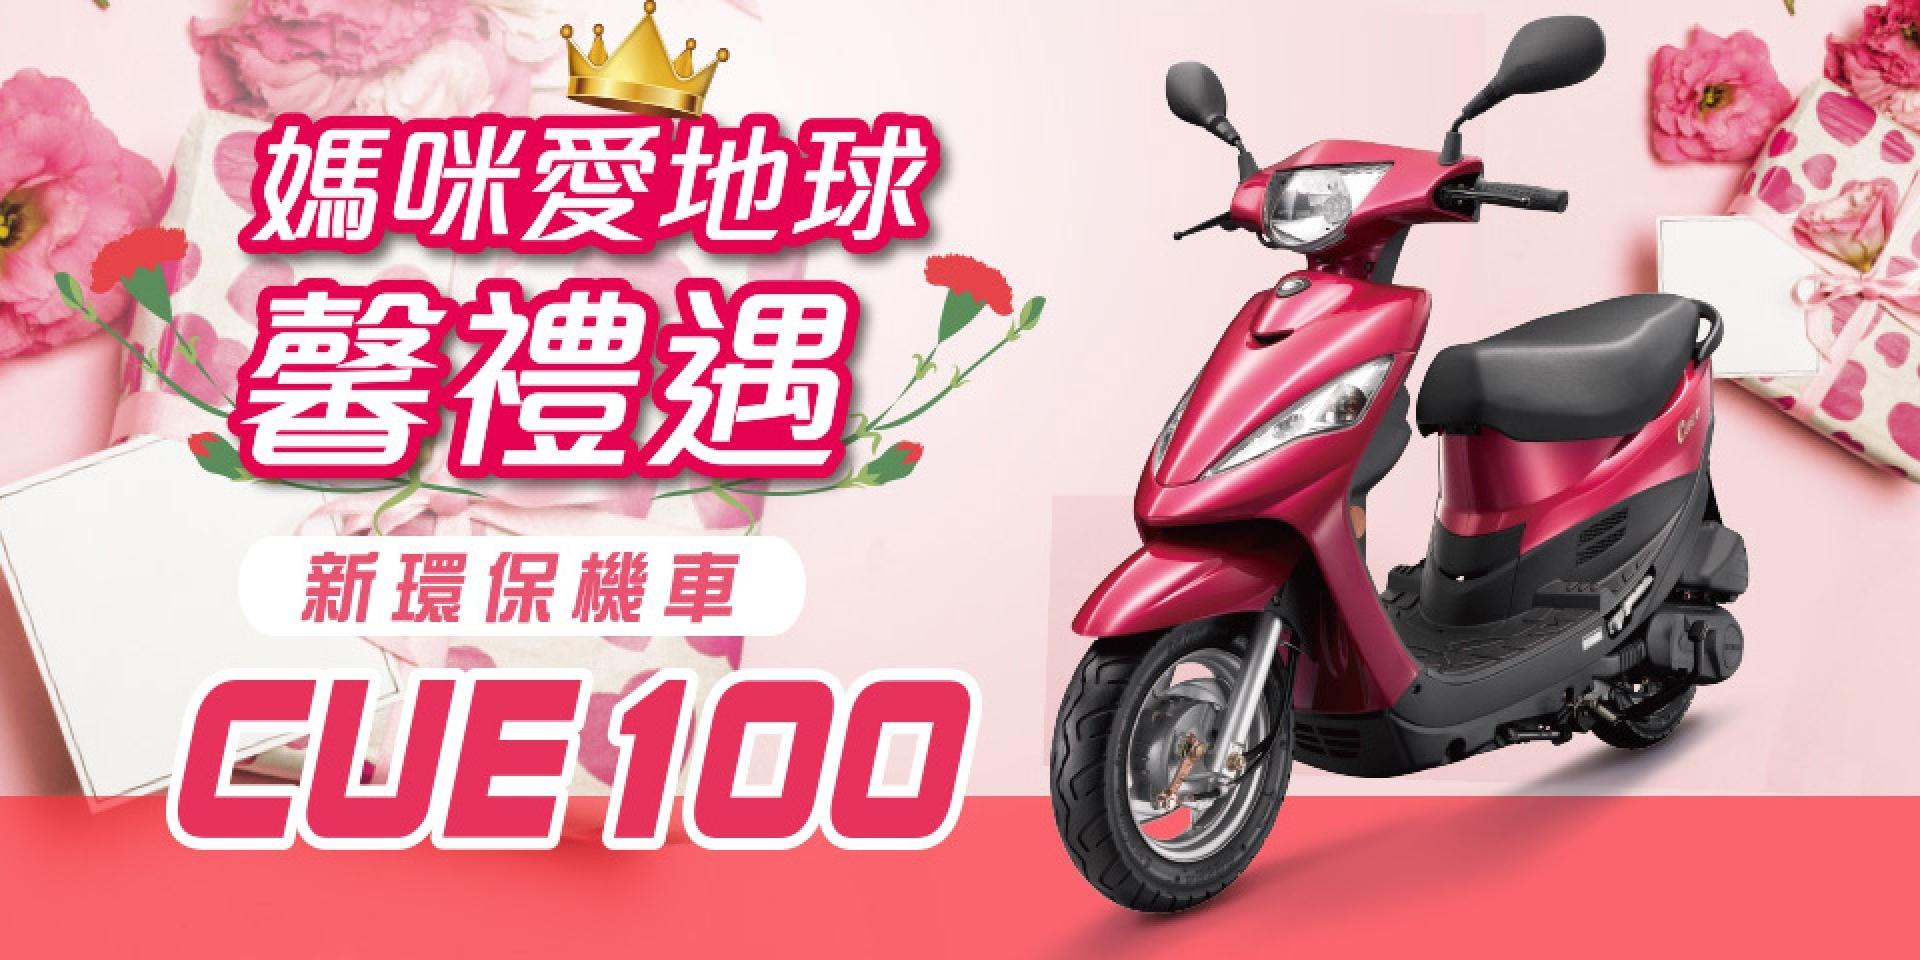 官方新聞稿。KYMCO Ionex電動車優惠開跑,Nice100EV 只要30,800元起,Cue 100最低汰舊換新價只要39,200元!